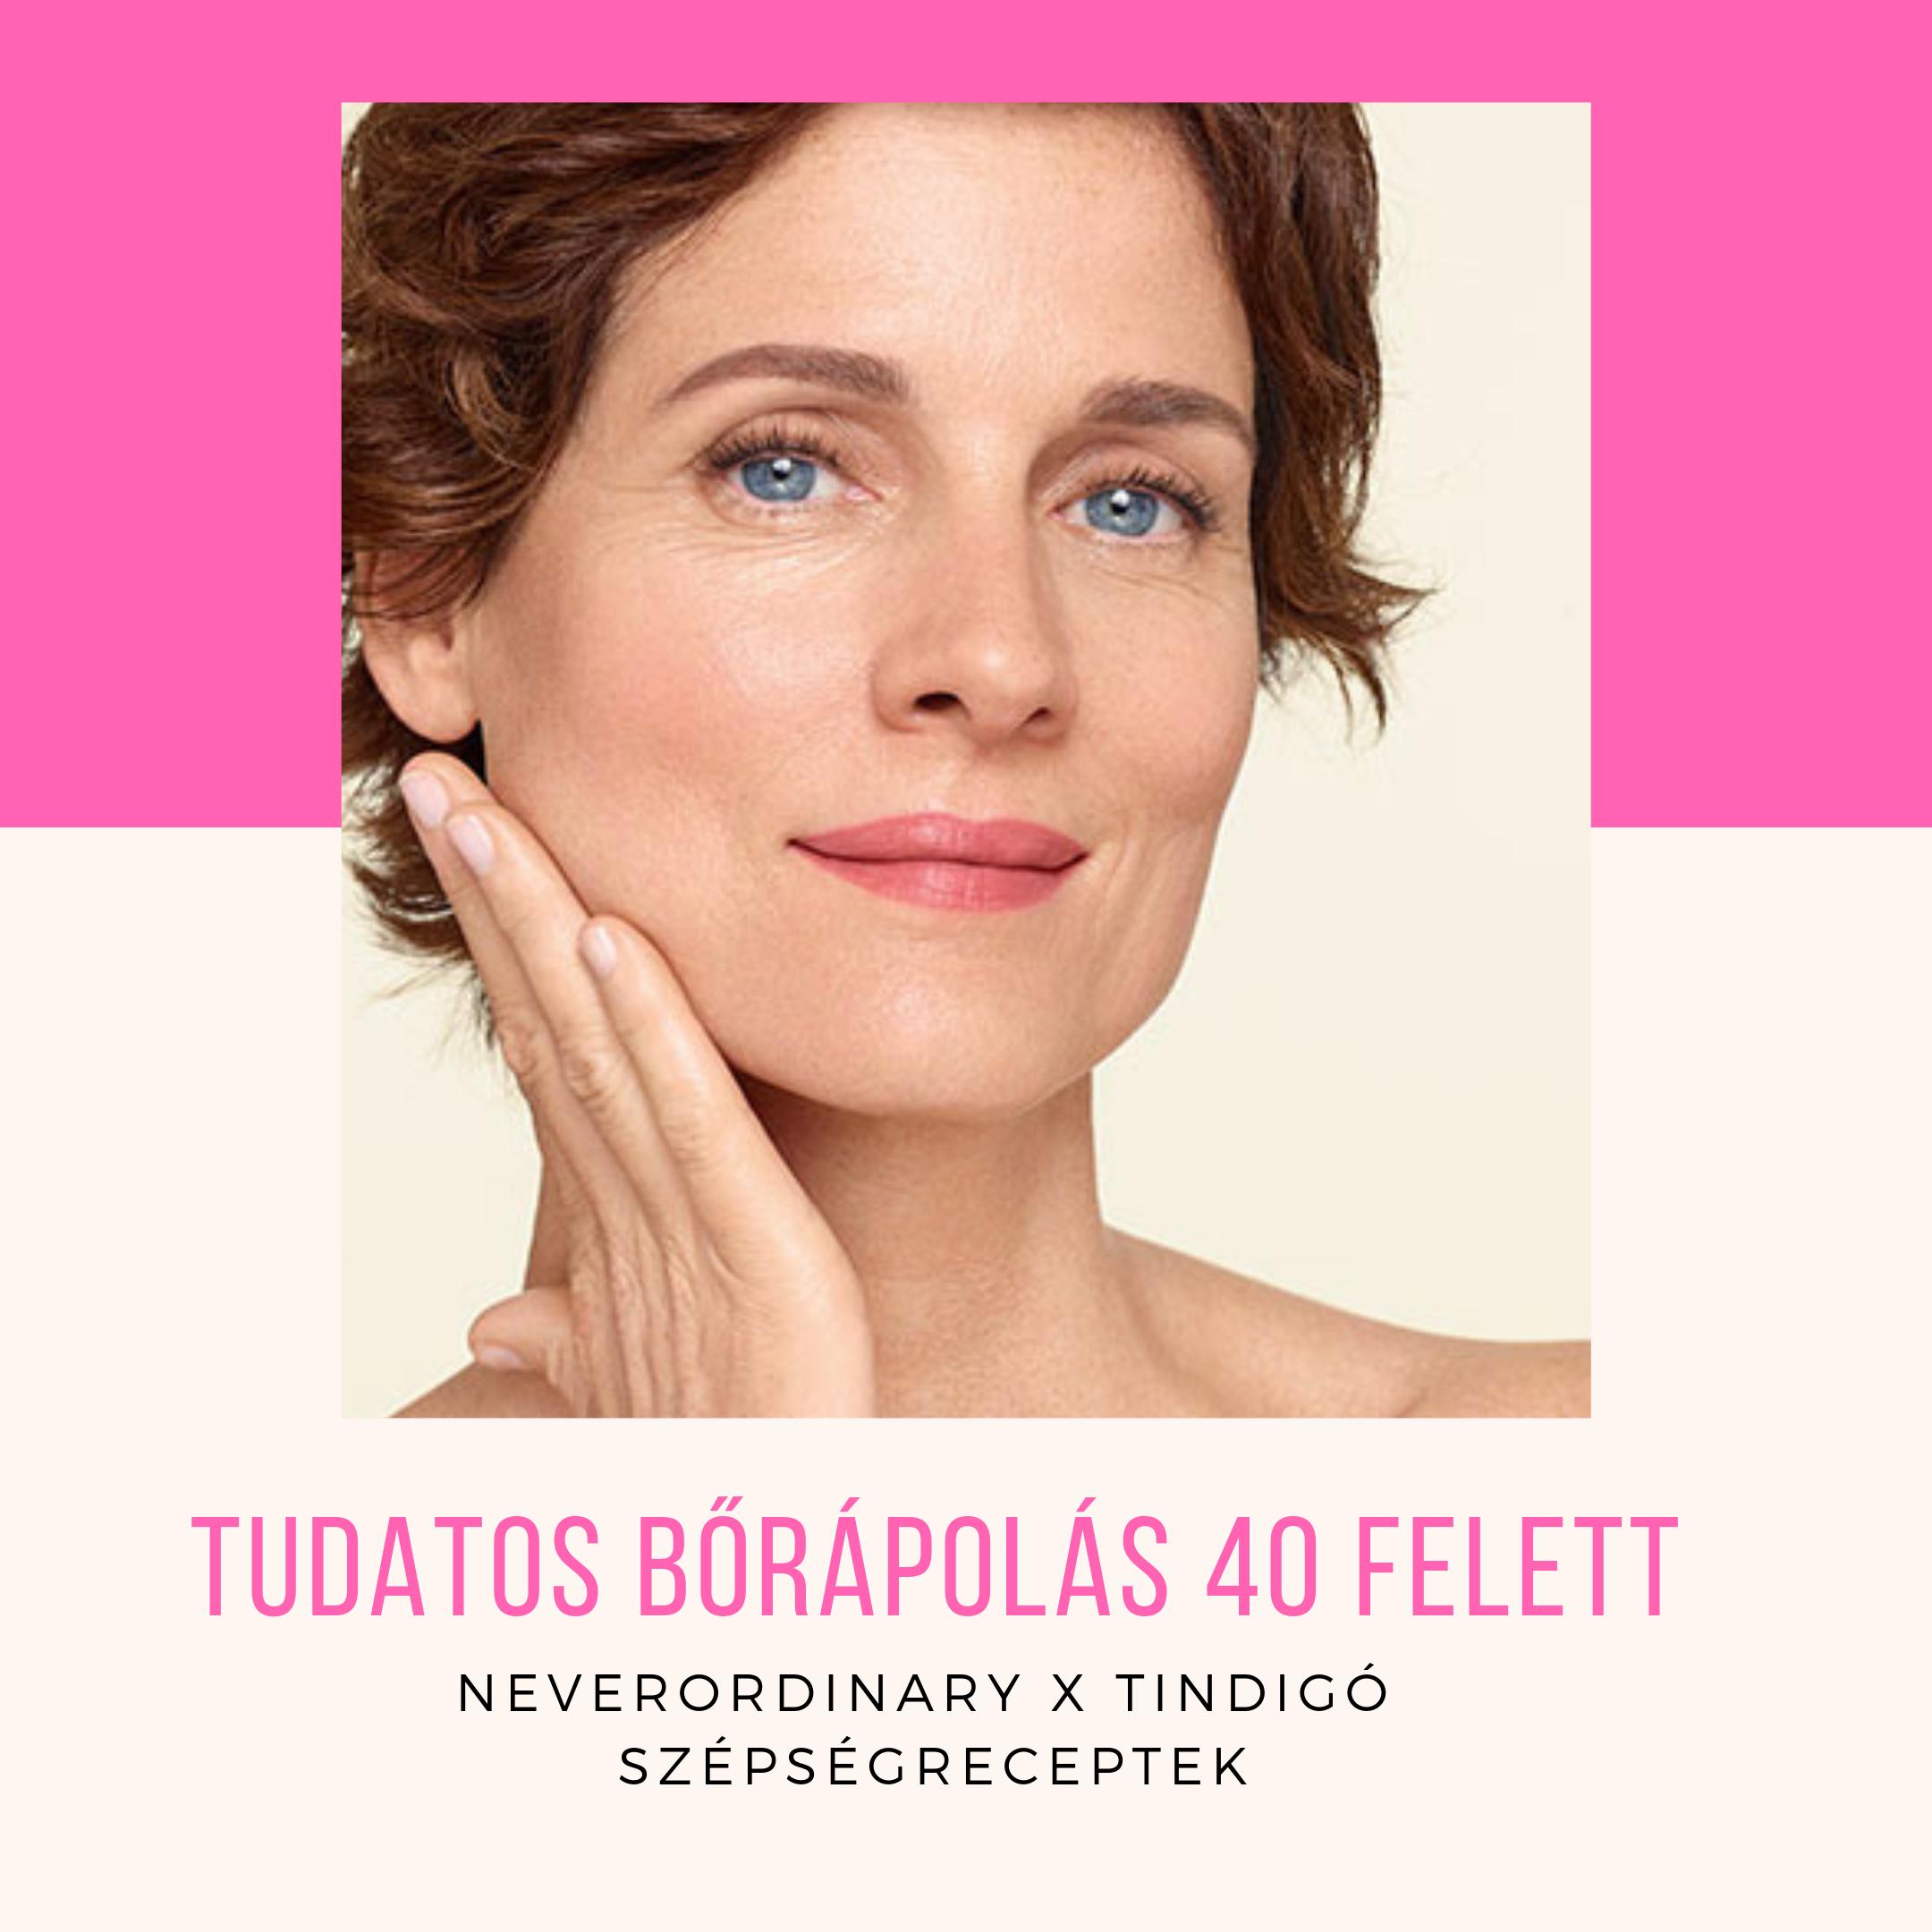 Ne vedd félvállról az arcodat – Tudatos bőrápolás 40 felett